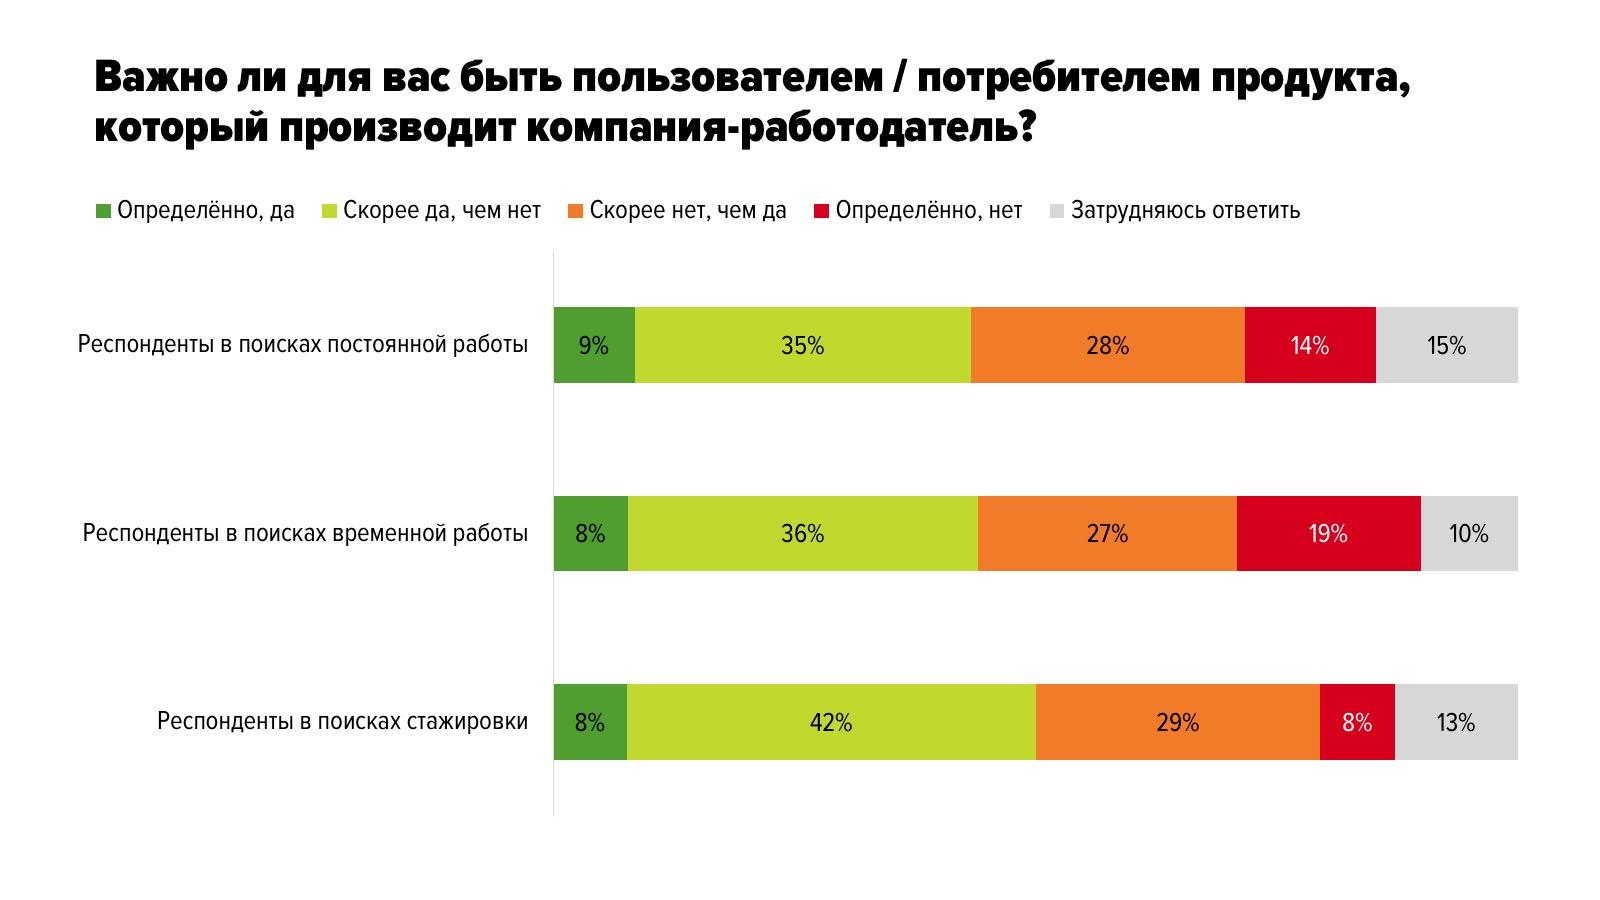 Результаты опроса молодых специалистов о важных аспектах выбора работодателя в начале карьеры